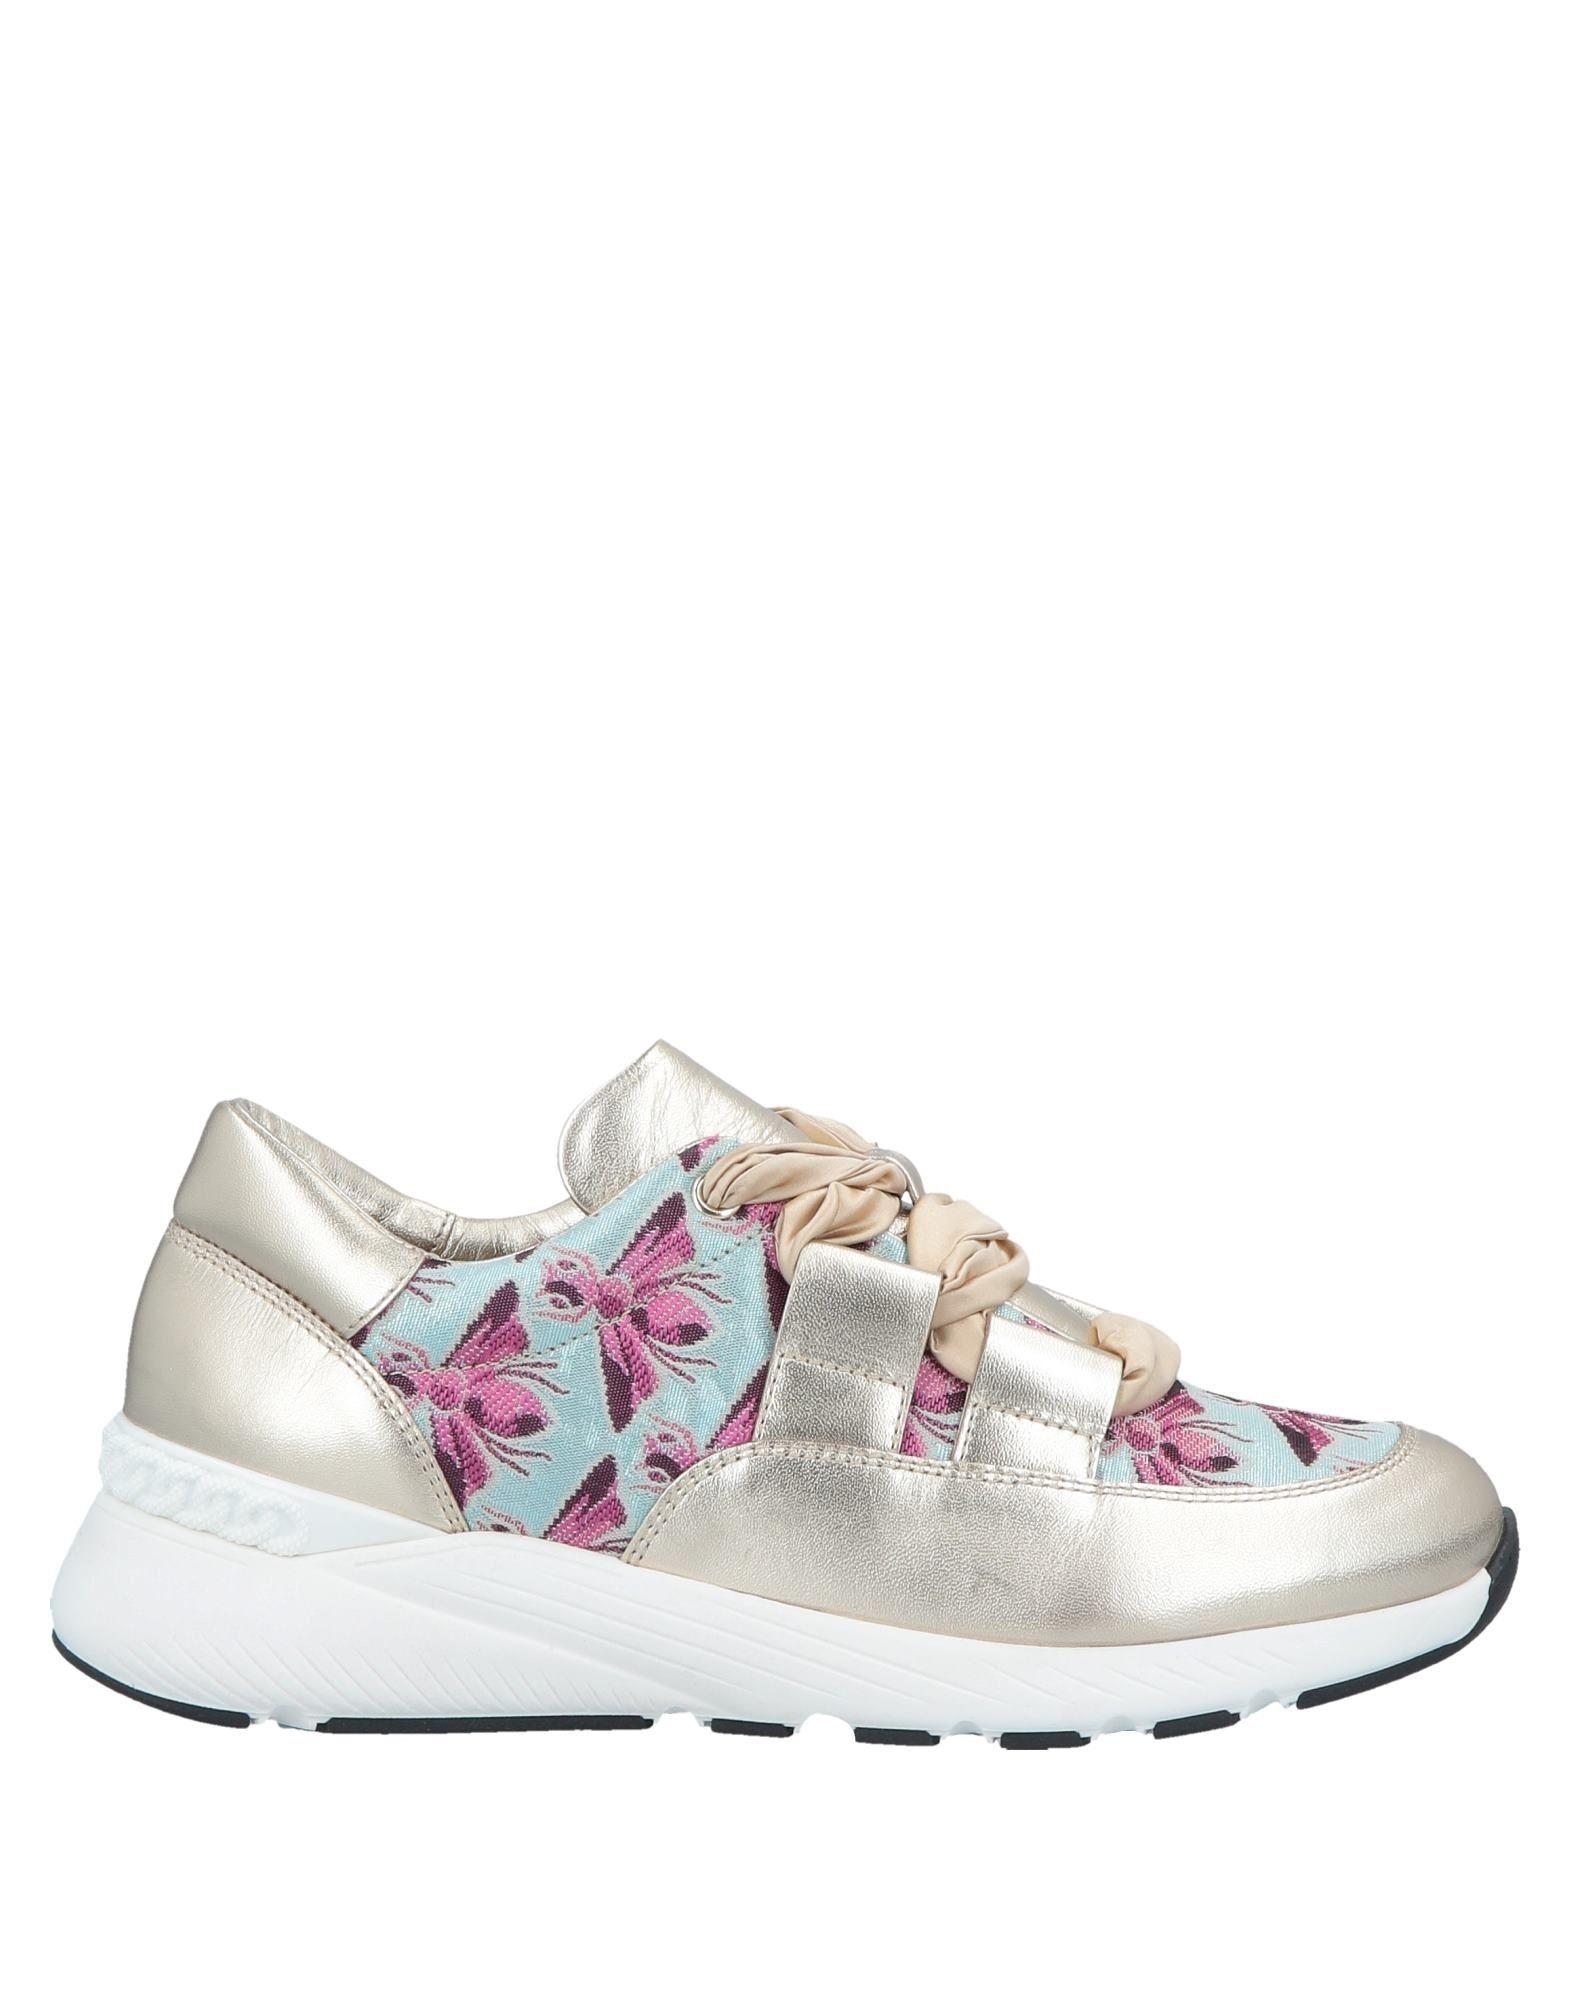 Oro Zapatillas Casadei Mujer - Zapatillas Casadei Casadei Casadei Zapatos de mujer baratos zapatos de mujer d214f5